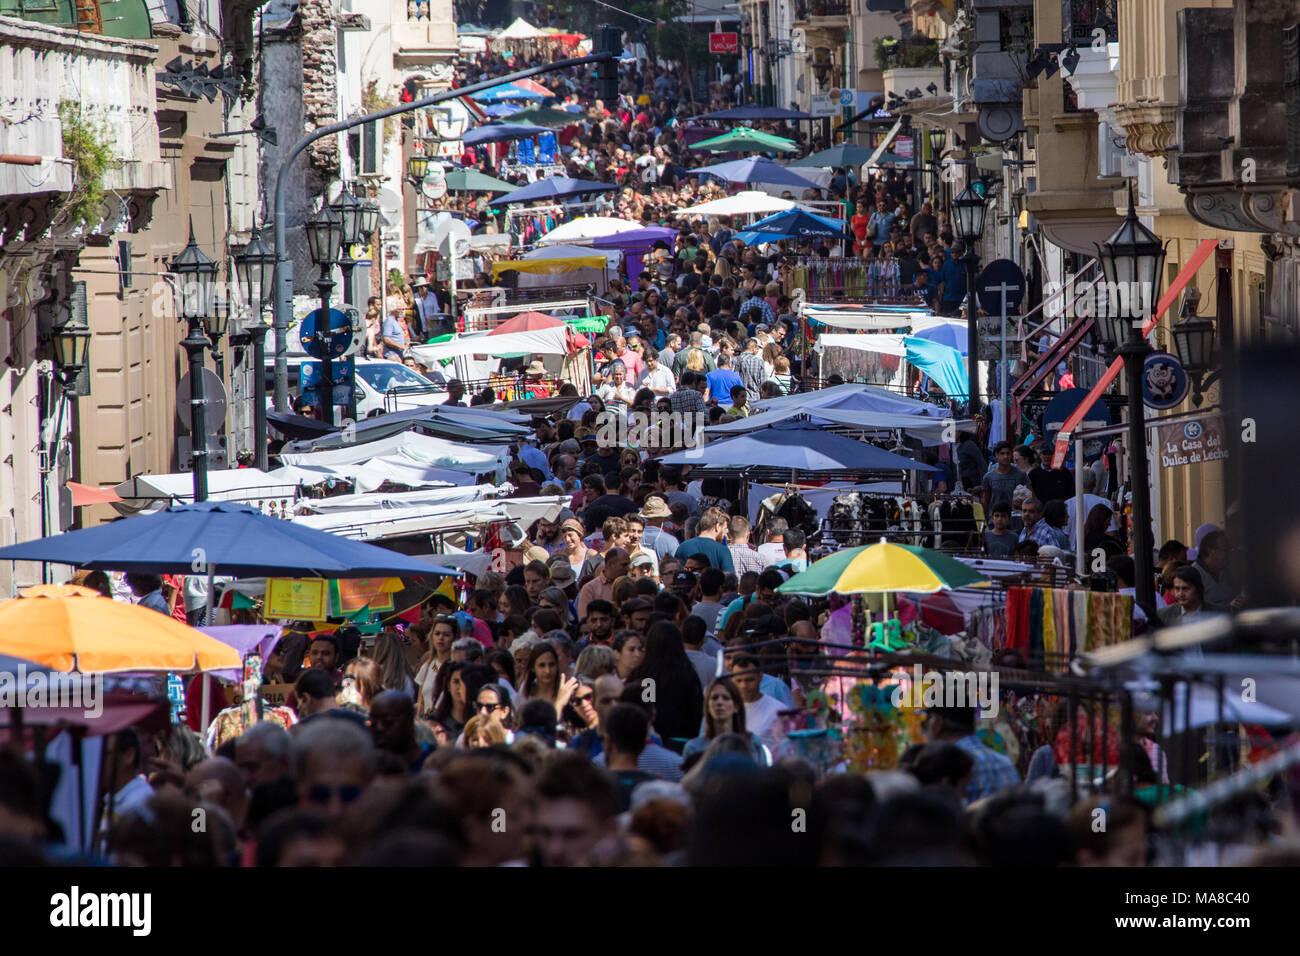 Feria de San Telmo, Markt am Sonntag, Buenos Aires, Argentinien Stockfoto